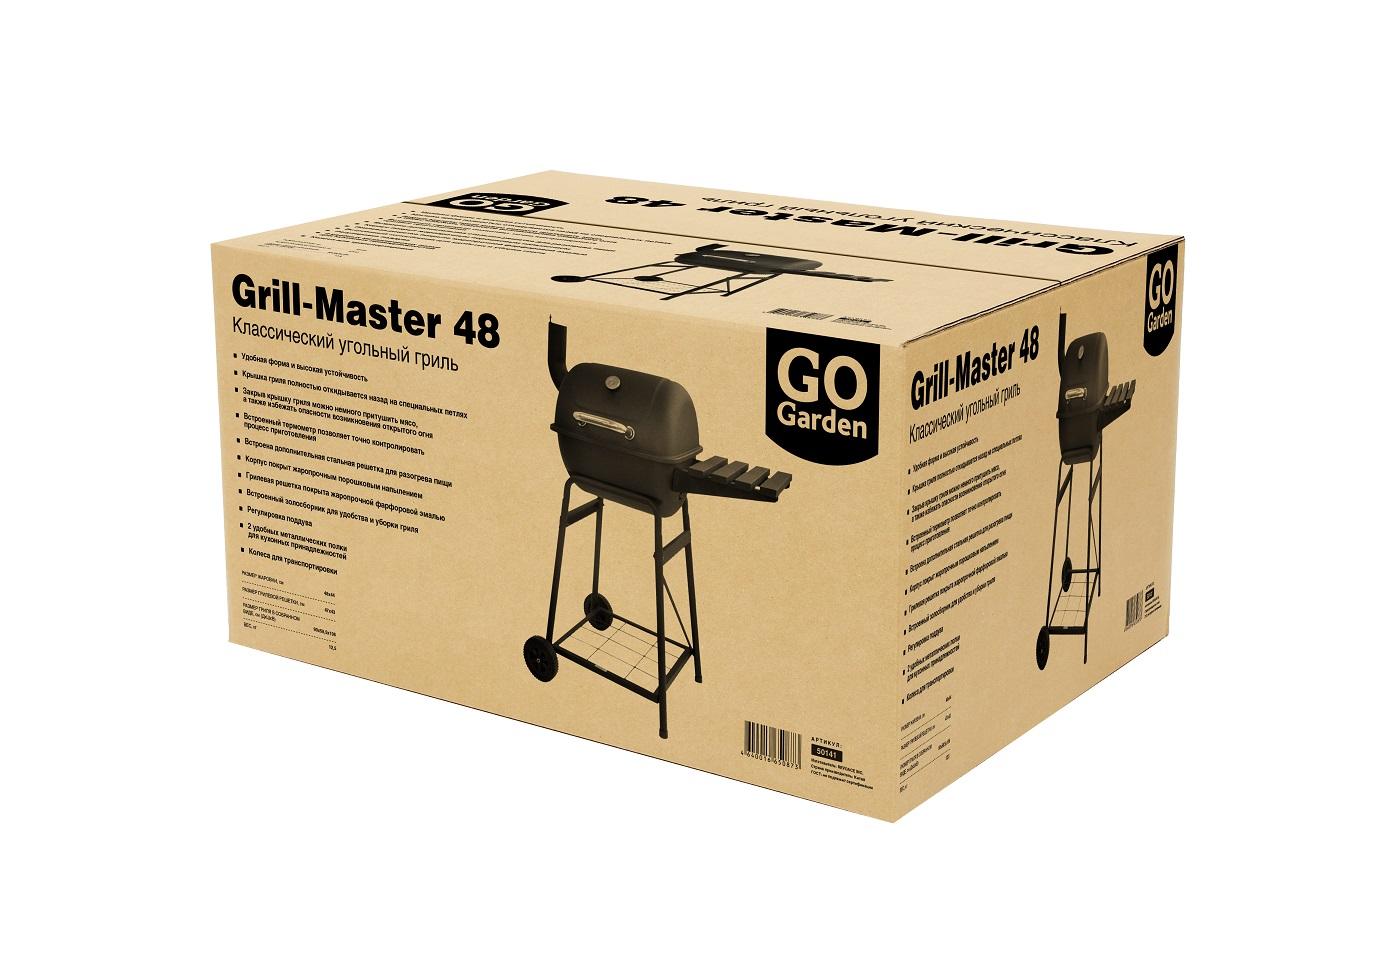 go garden Гриль Go Garden Grill-Master 48 (50141)